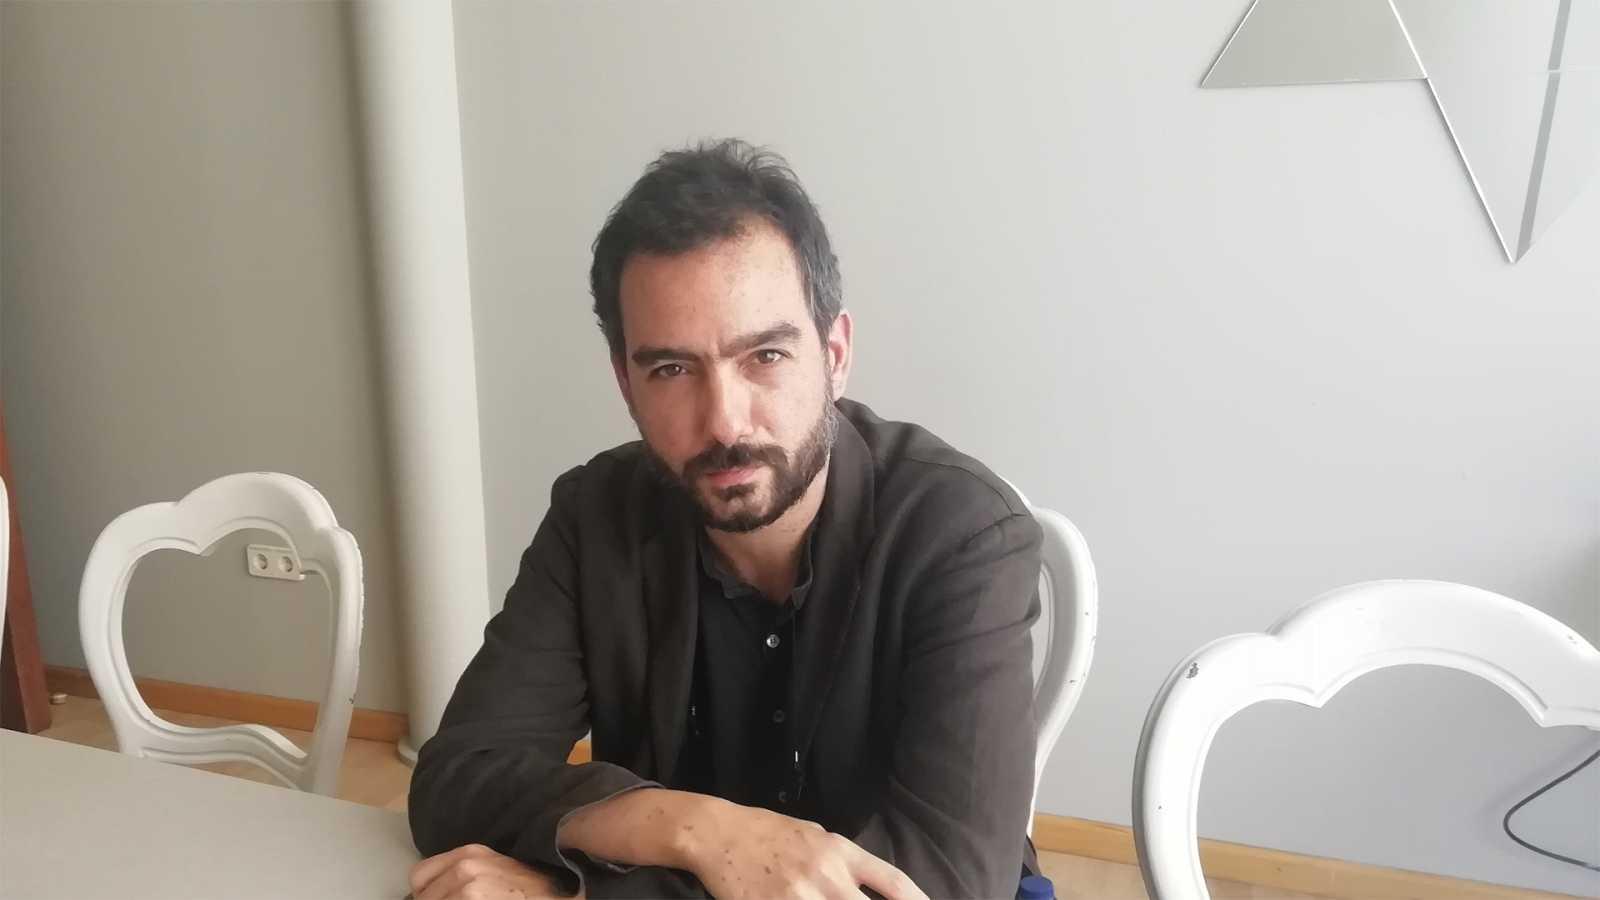 Hora América de cine - Théo Court, director de 'Blanco en Blanco', estrenada ya en España - 31/07/20 - escuchar ahora